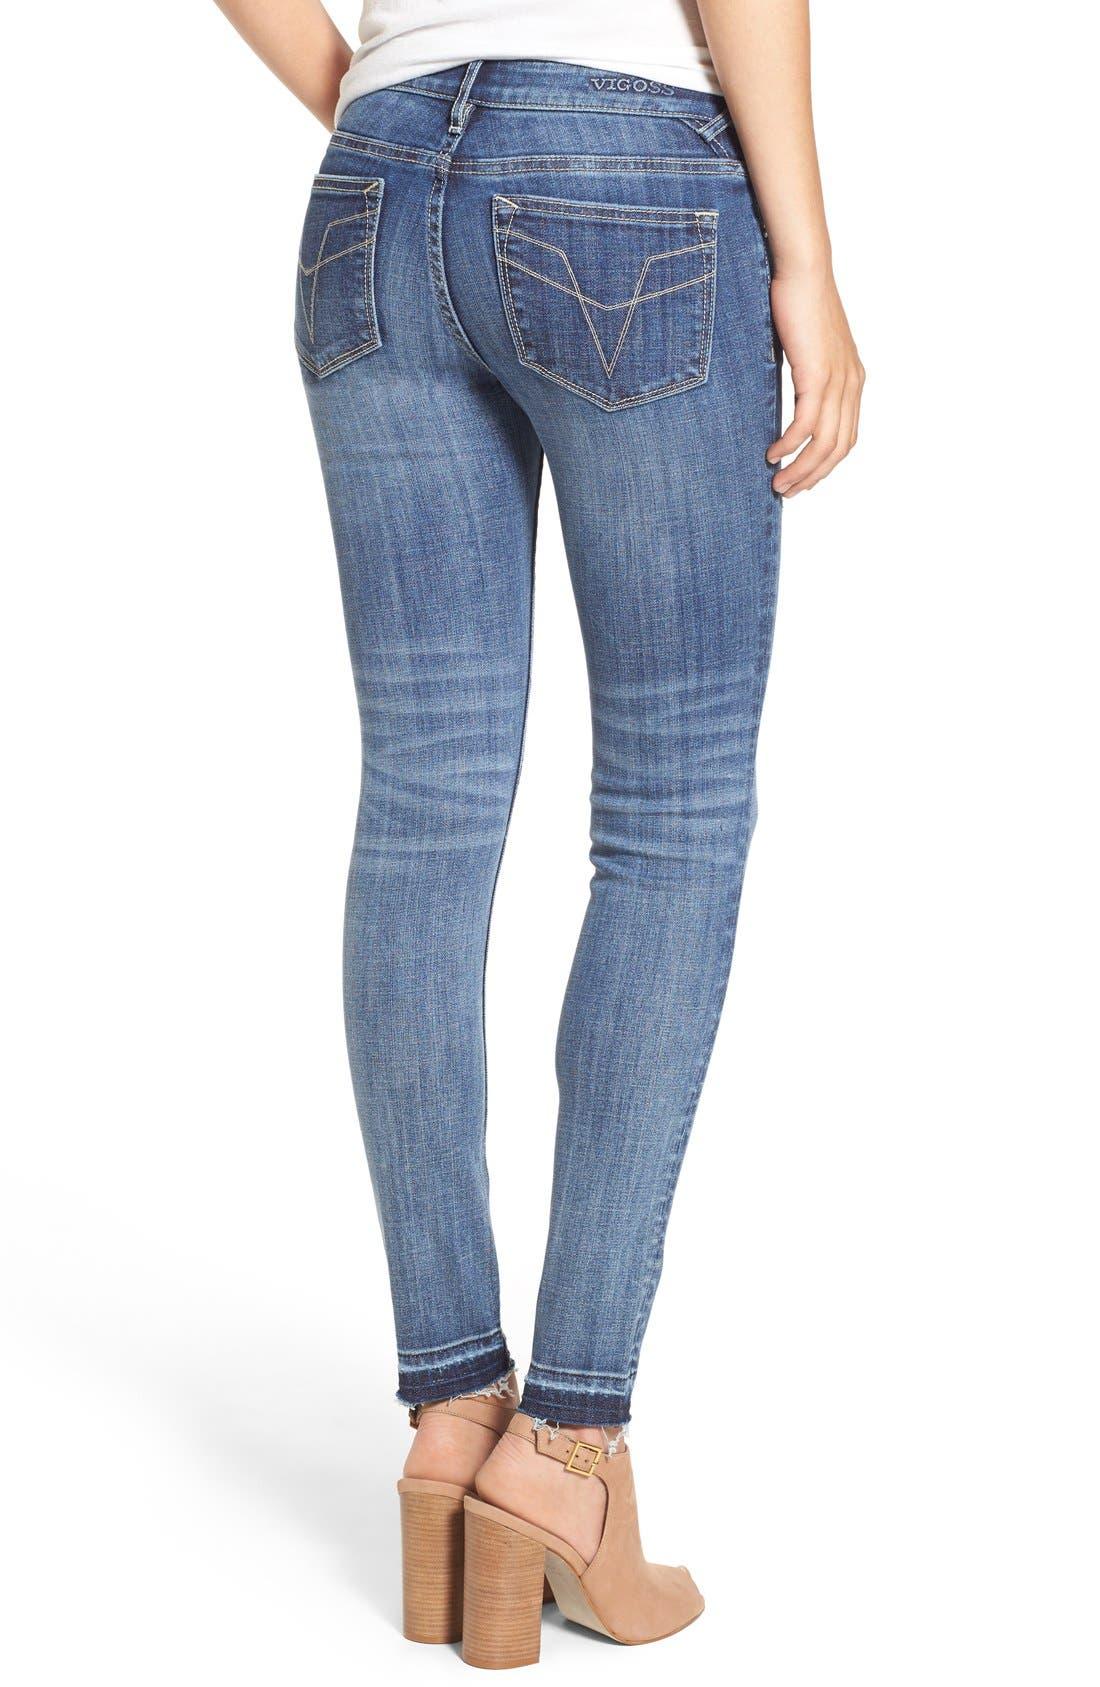 Alternate Image 3  - Vigoss 'Chelsea' Destroyed Skinny Jeans